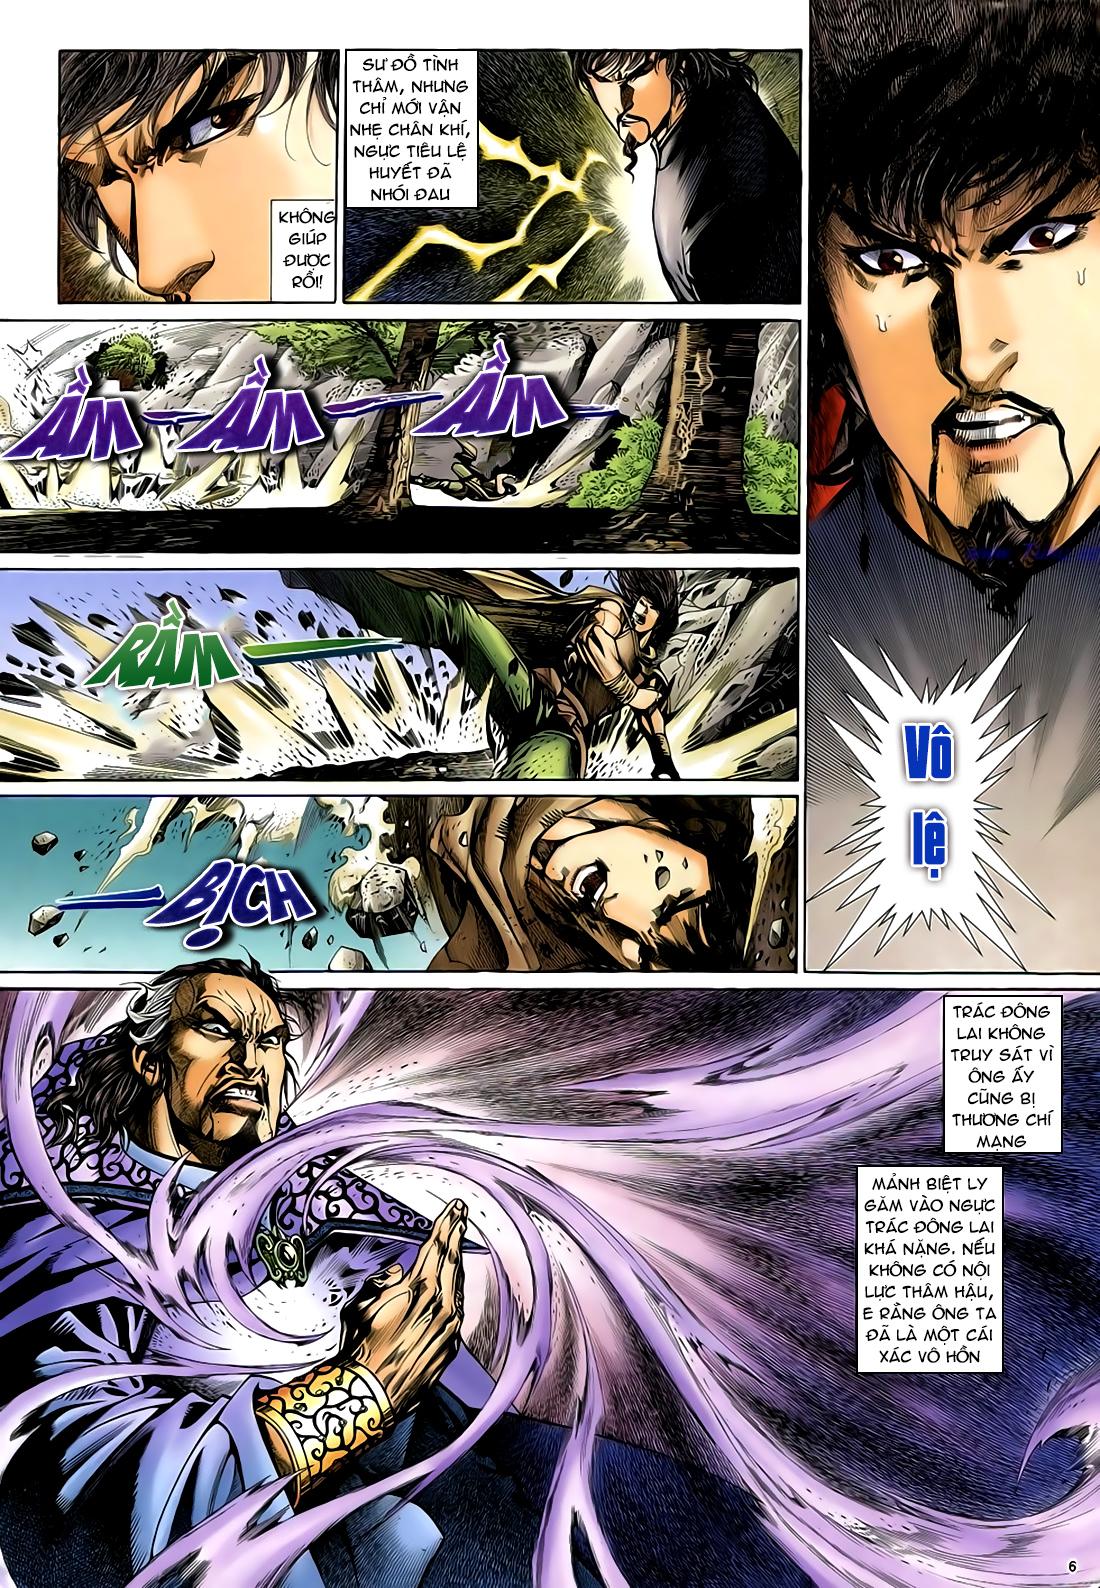 Anh hùng vô lệ Chap 29 trang 7